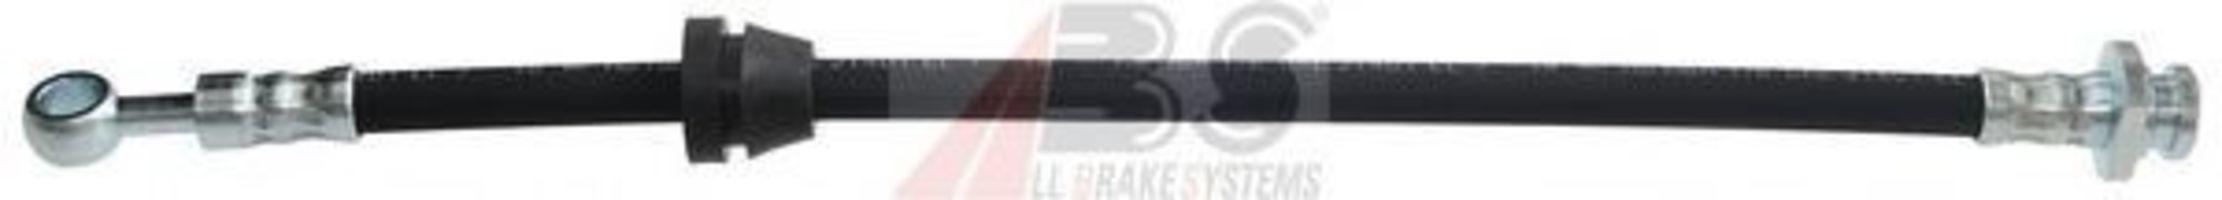 Шланг тормозной A.B.S. SL 6258